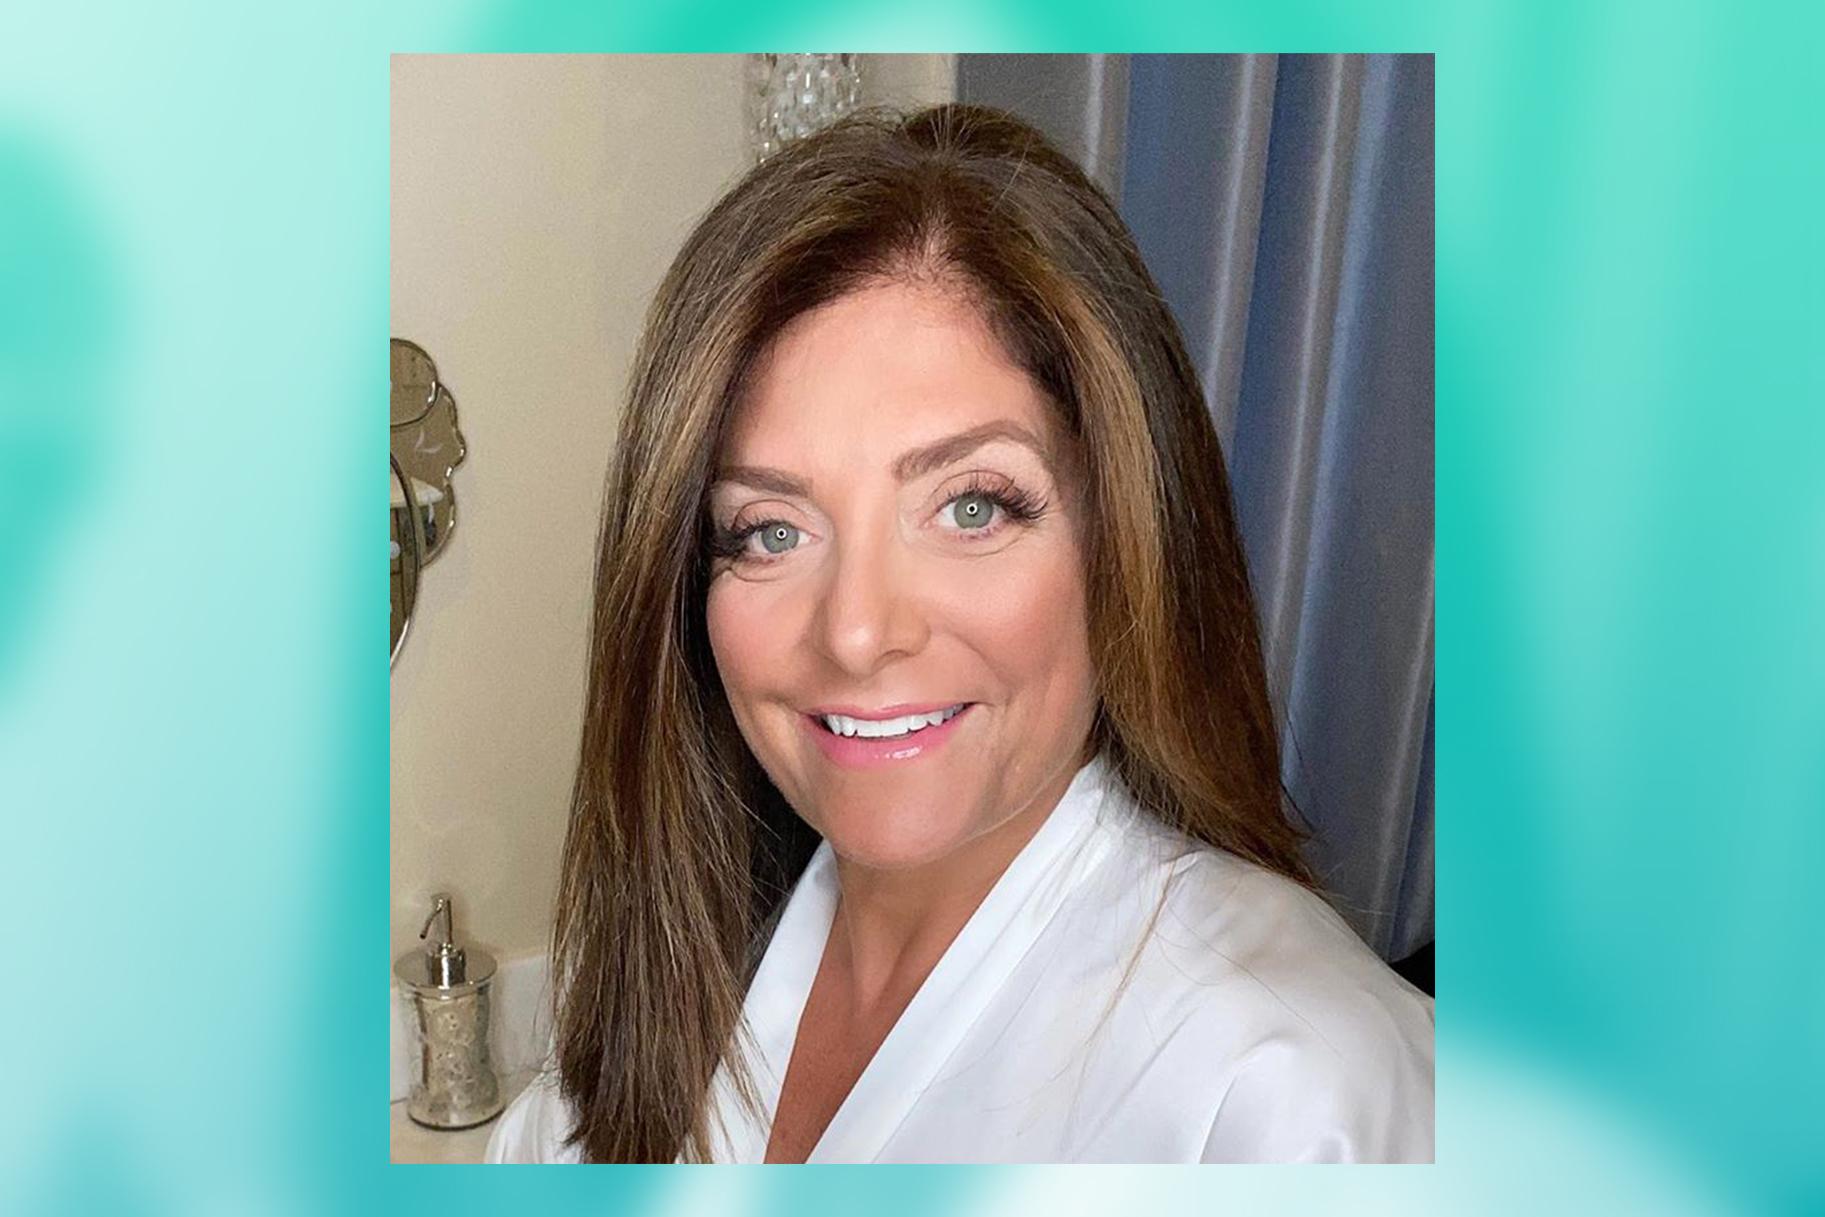 Kathy Wakile Hair Color